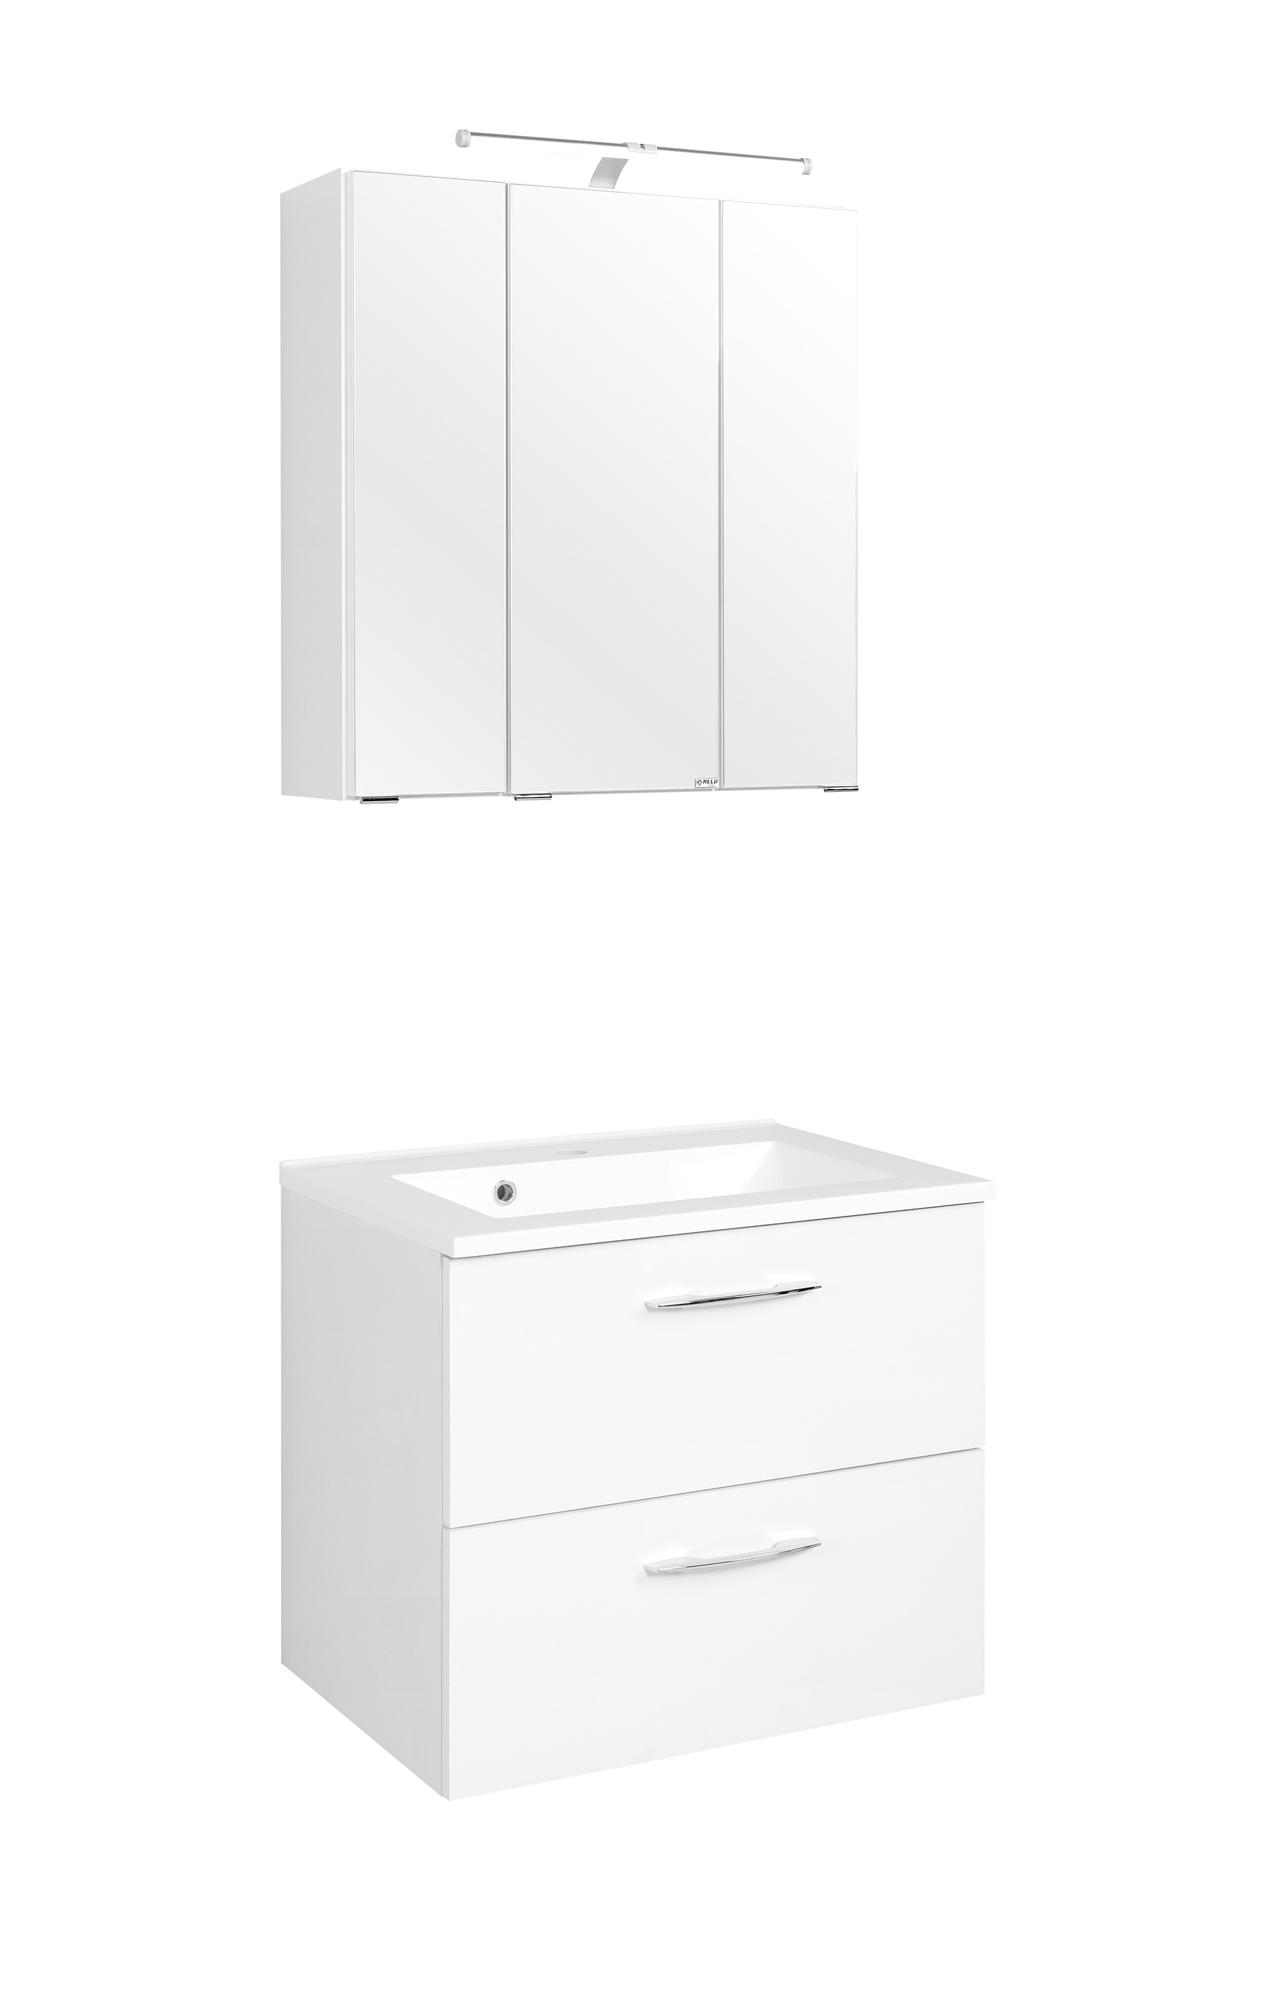 Waschtisch-Set 60 Portofino inkl Beleuchtung von Held Möbel Weiß